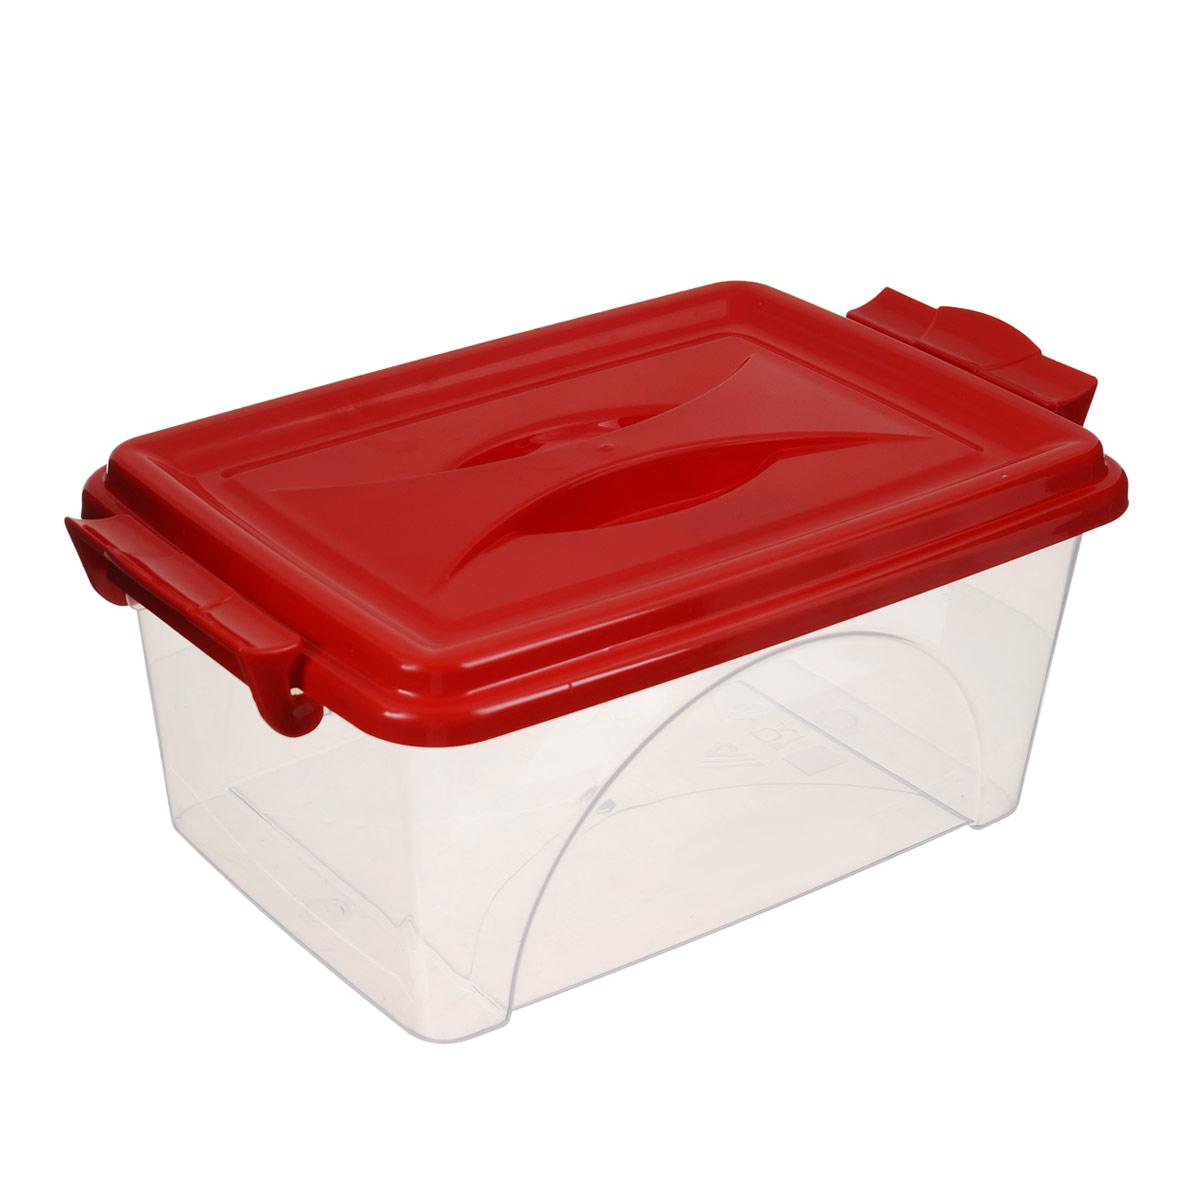 Контейнер Альтернатива, цвет: красный, 2,5 лМ421_красныйКонтейнер Альтернатива выполнен из прочного пластика. Он предназначен для хранения различных мелких вещей. Крышка легко открывается и плотно закрывается. Прозрачные стенки позволяют видеть содержимое. По бокам предусмотрены две удобные ручки, с помощью которых контейнер закрывается.Контейнер поможет хранить все в одном месте, а также защитить вещи от пыли, грязи и влаги.Уважаемые клиенты!Обращаем ваше внимание на то, что цвет ручек товара может меняться в зависимости от прихода на склад.